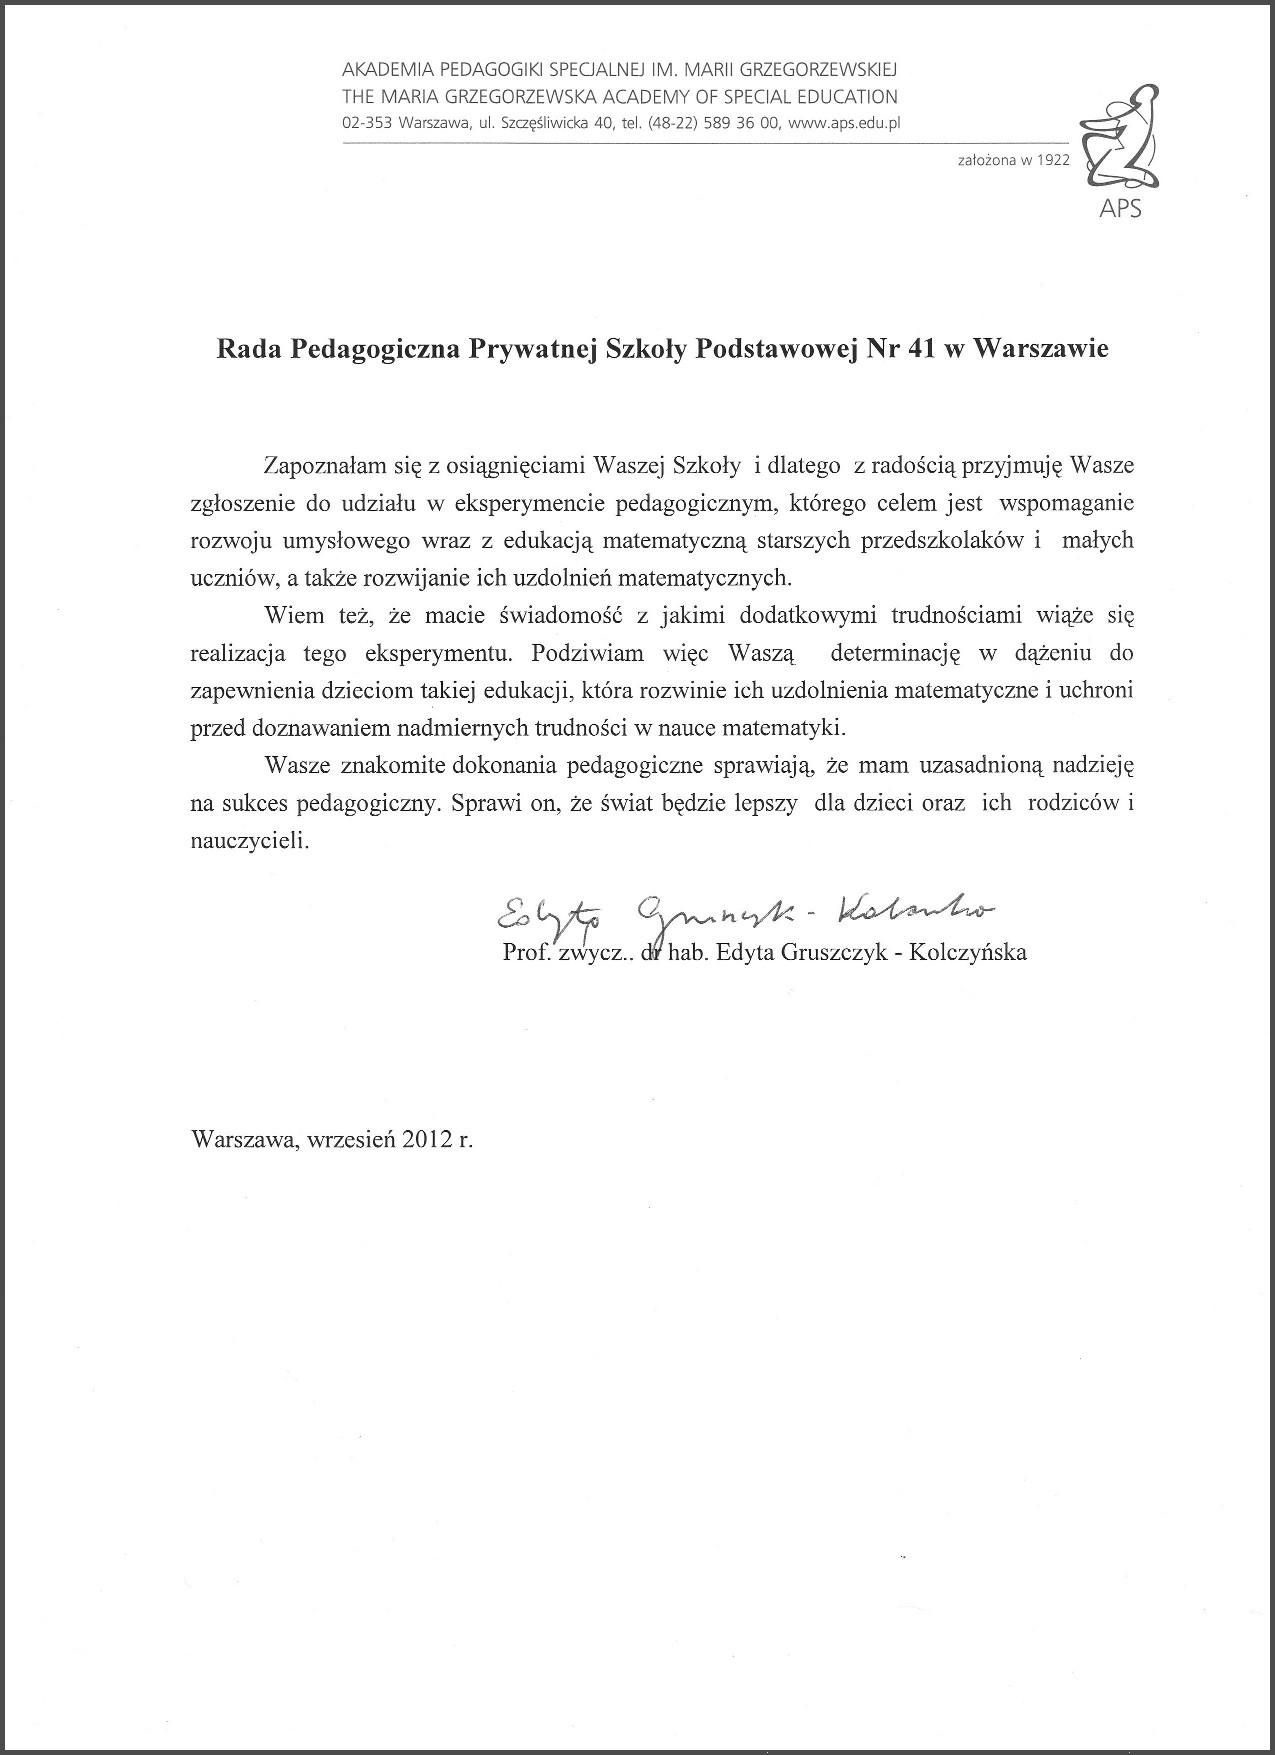 Innowacja matematyczna prof Gruszczyk-Kolczyńska